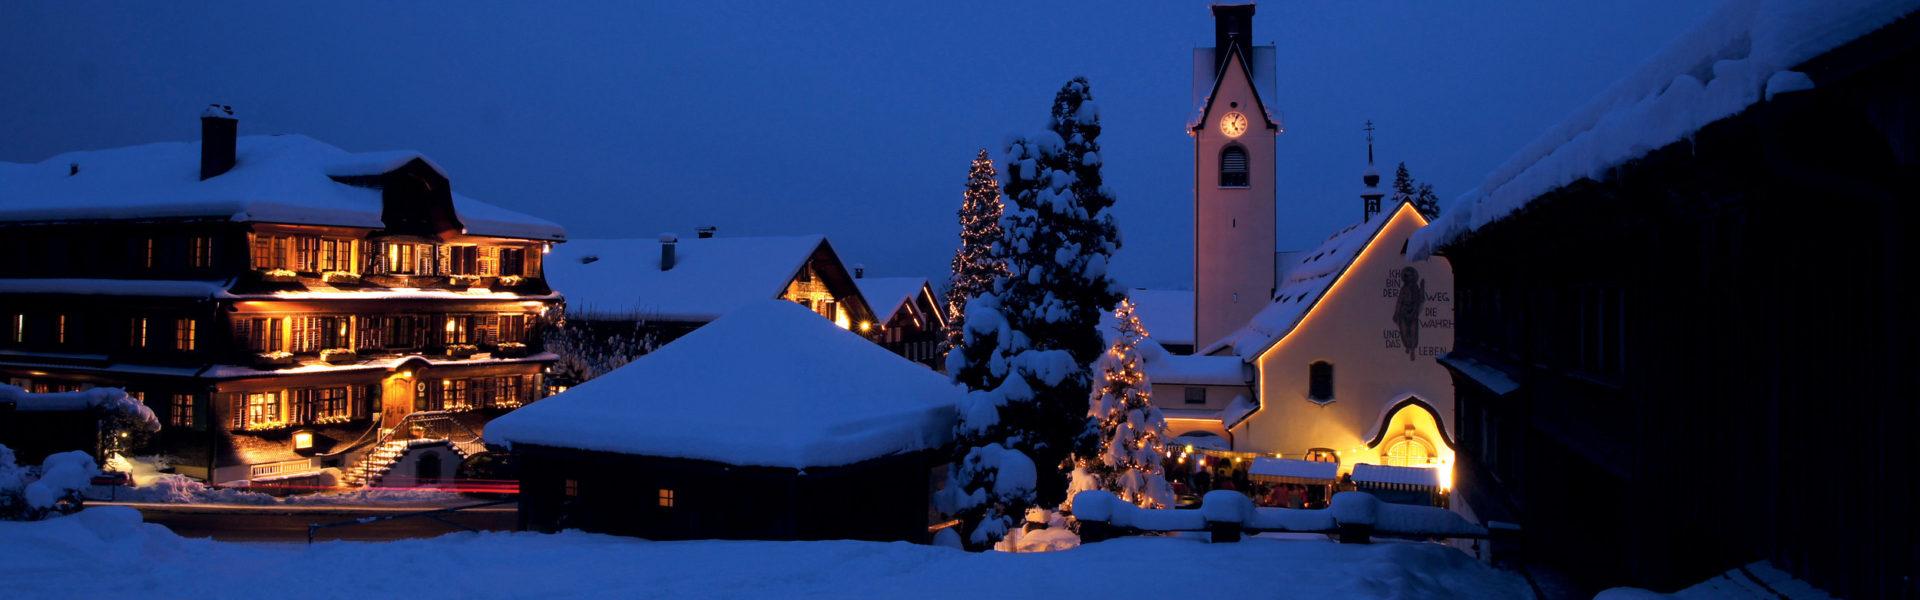 Weihnachtsmarkt in Schwarzenberg, Bregenzerwald (c) Ludwig Berchtold/Vorarlberg Tourismus